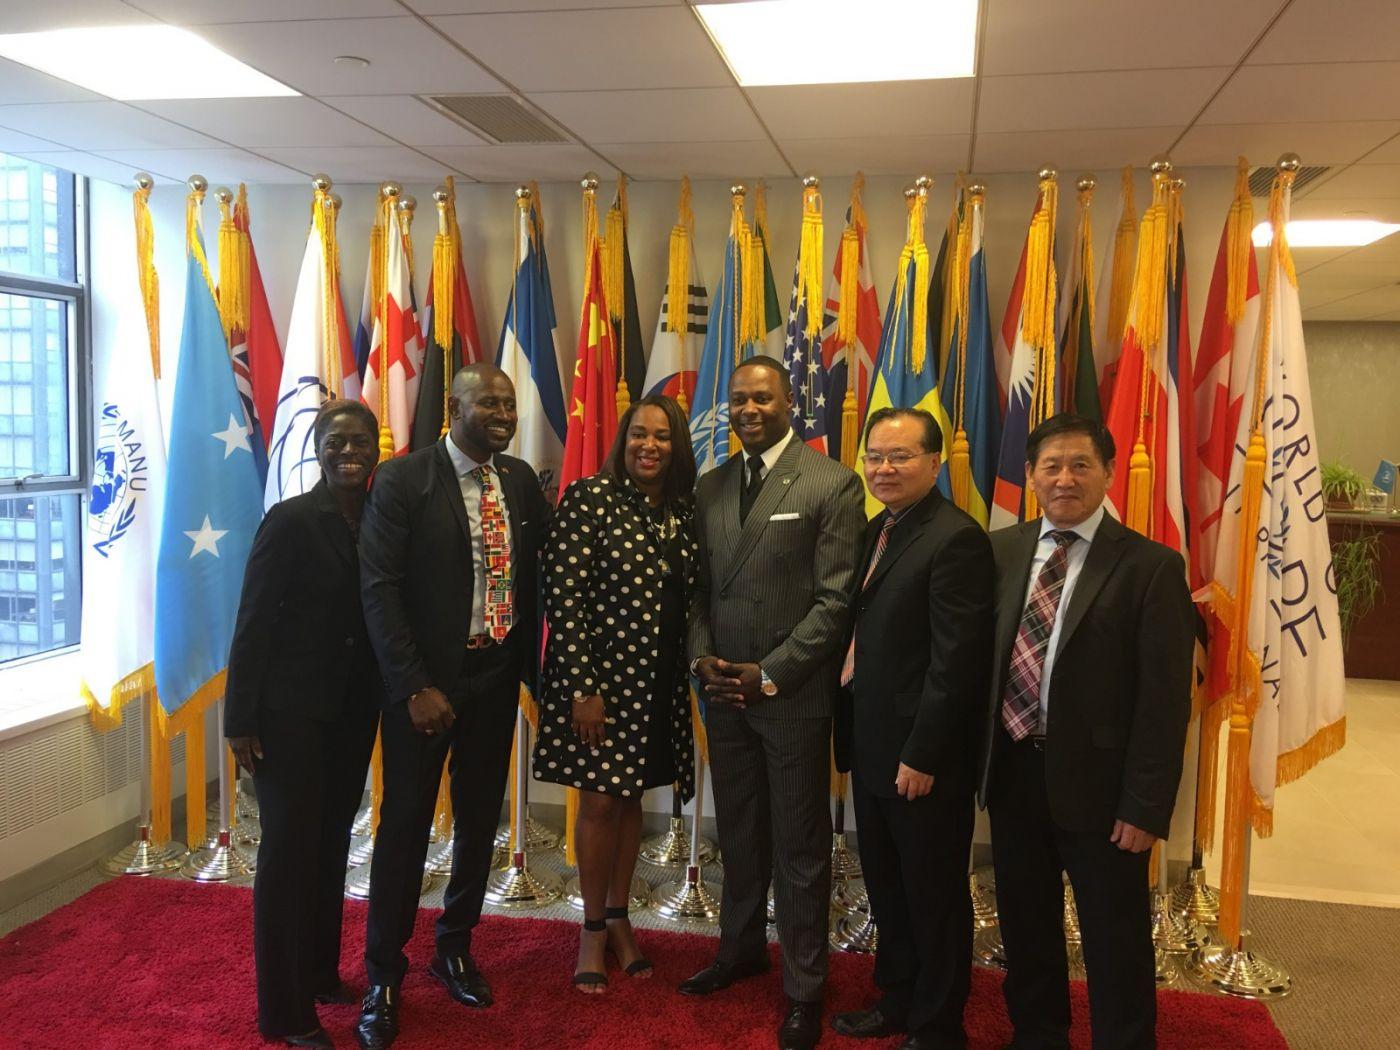 聯合國中華媽祖文化發展基金會受邀参加聯合國納尔遜.曼德拉国际日的一系列活动 ..._图1-11